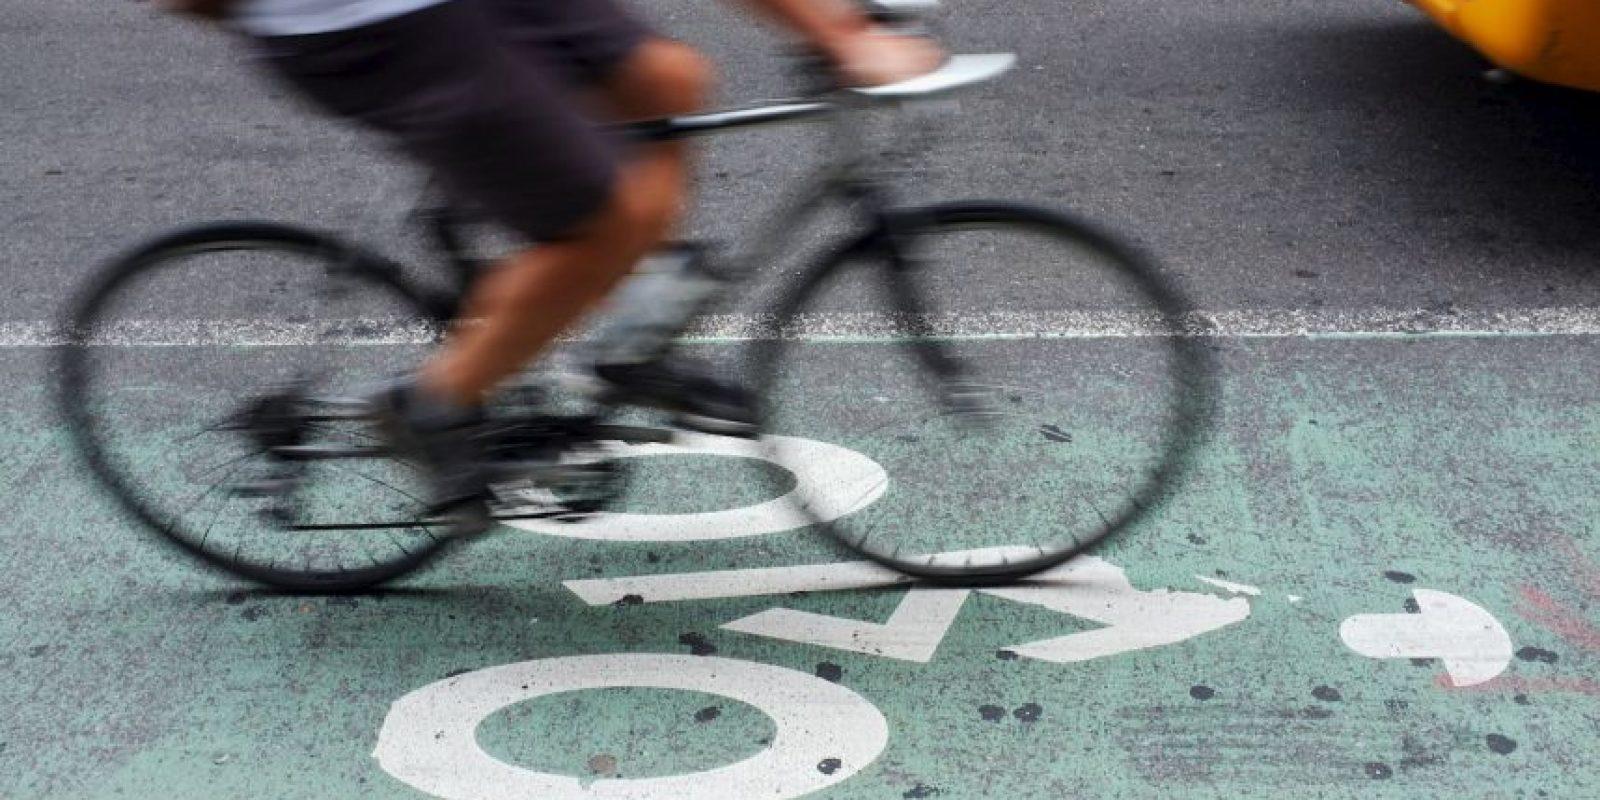 El joven y dos acompañantes eran acusados de robar bicicletas. Foto:Getty Images